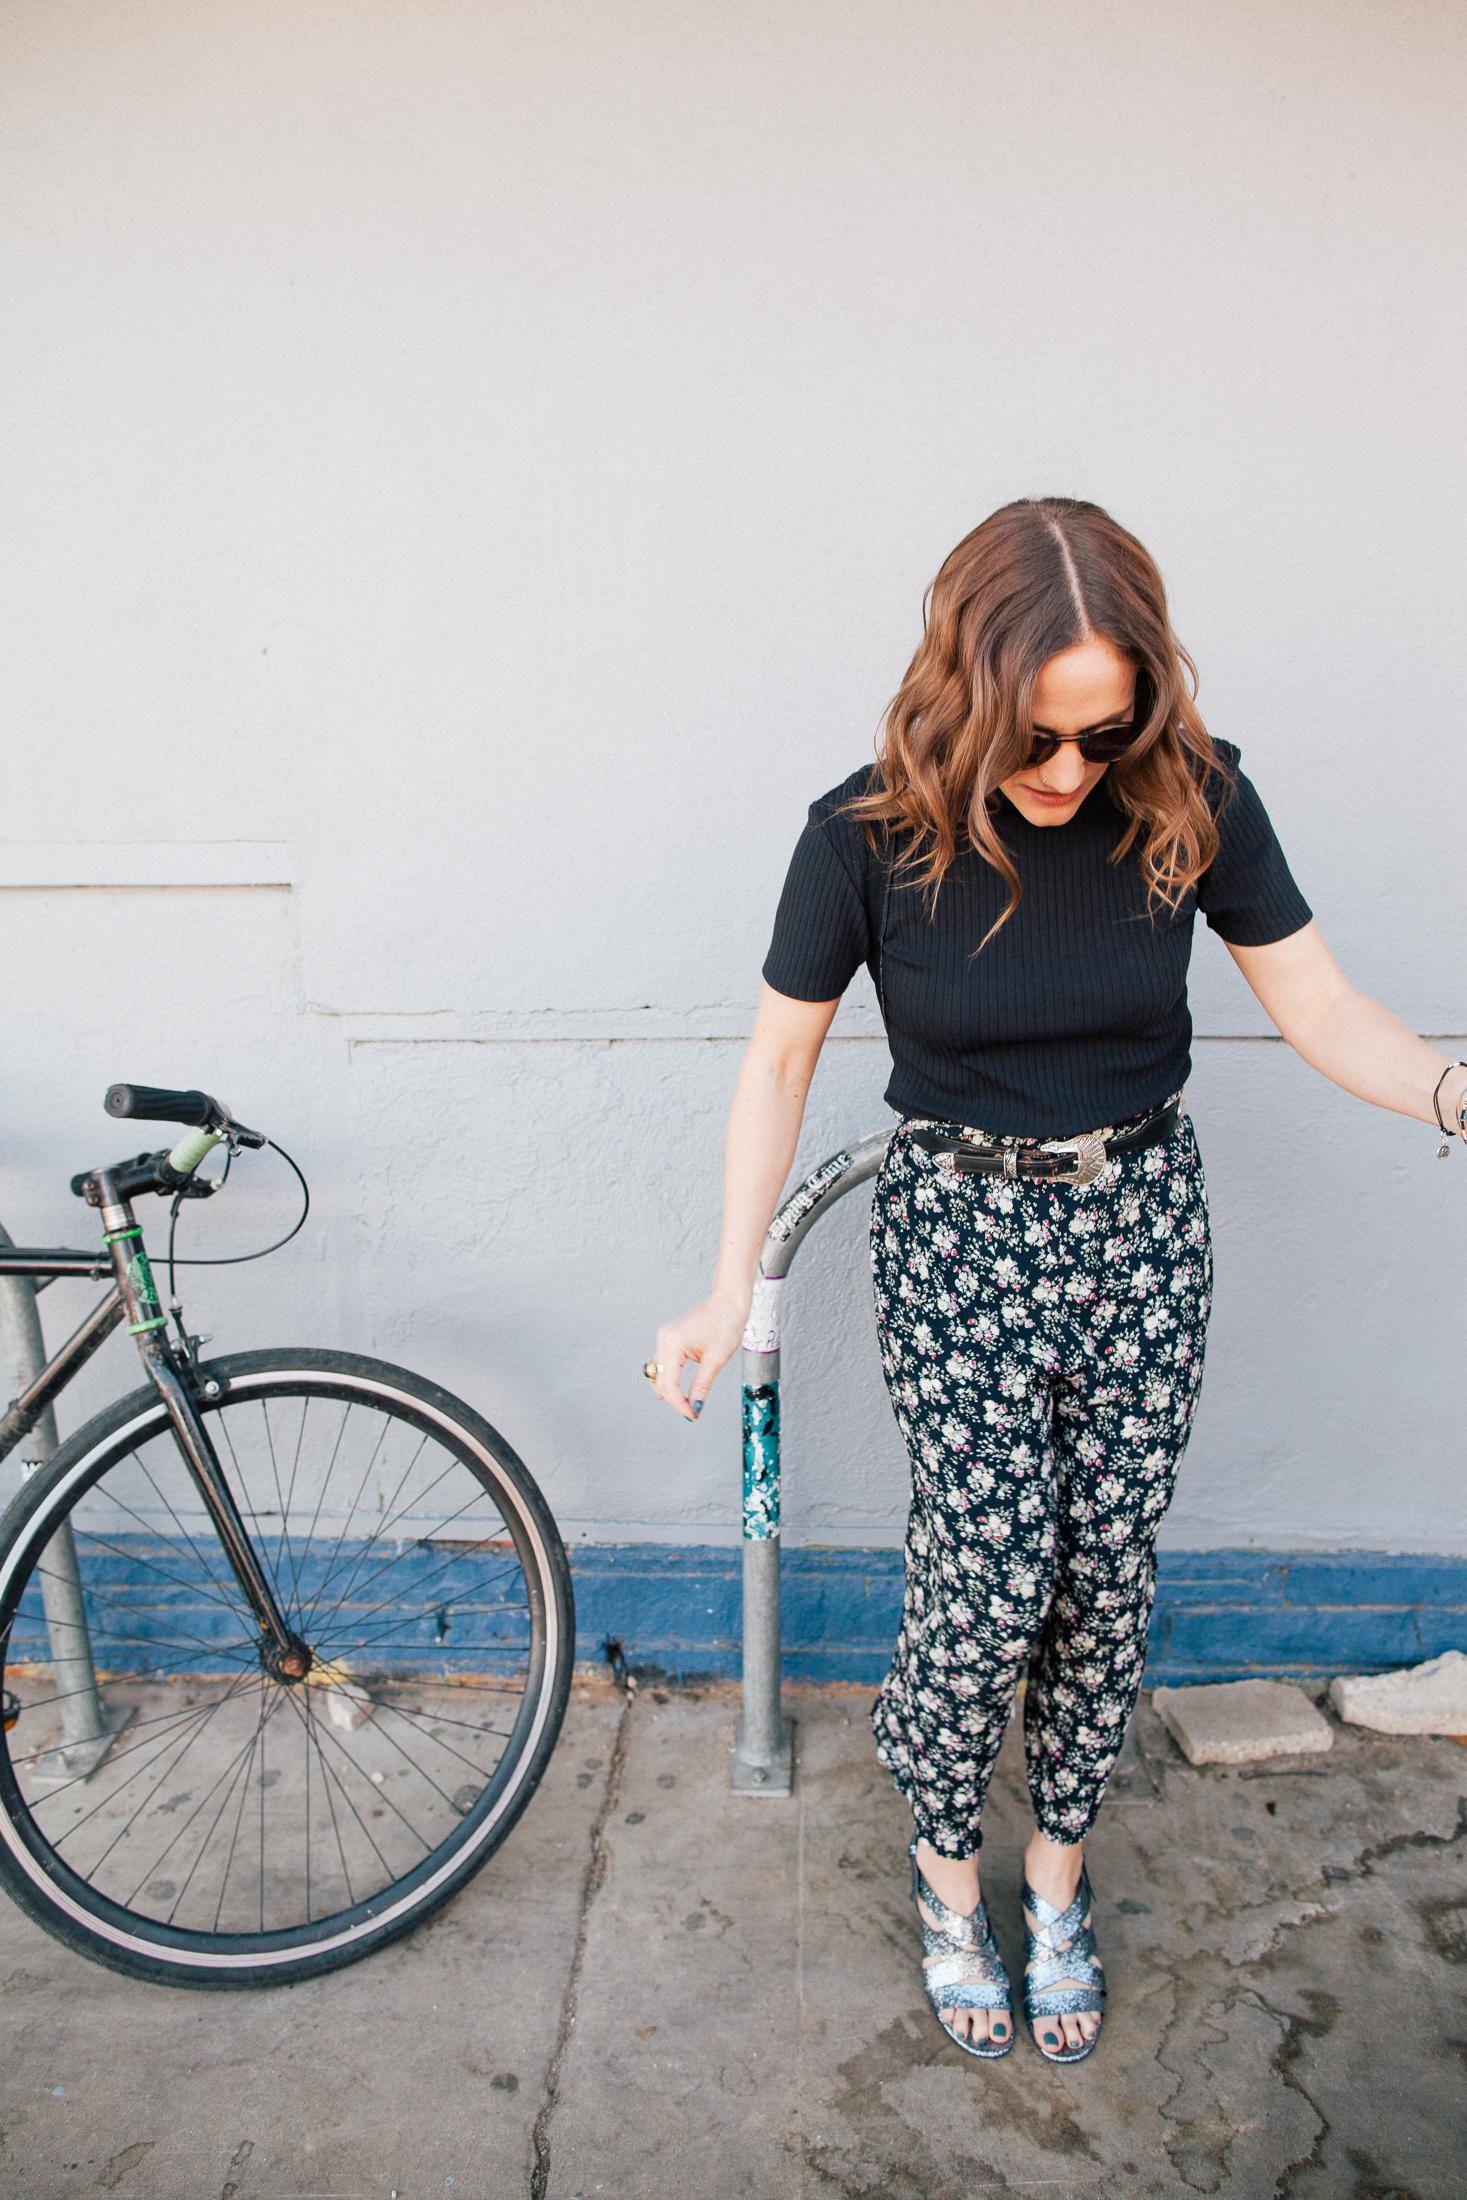 Girl_Bike_5